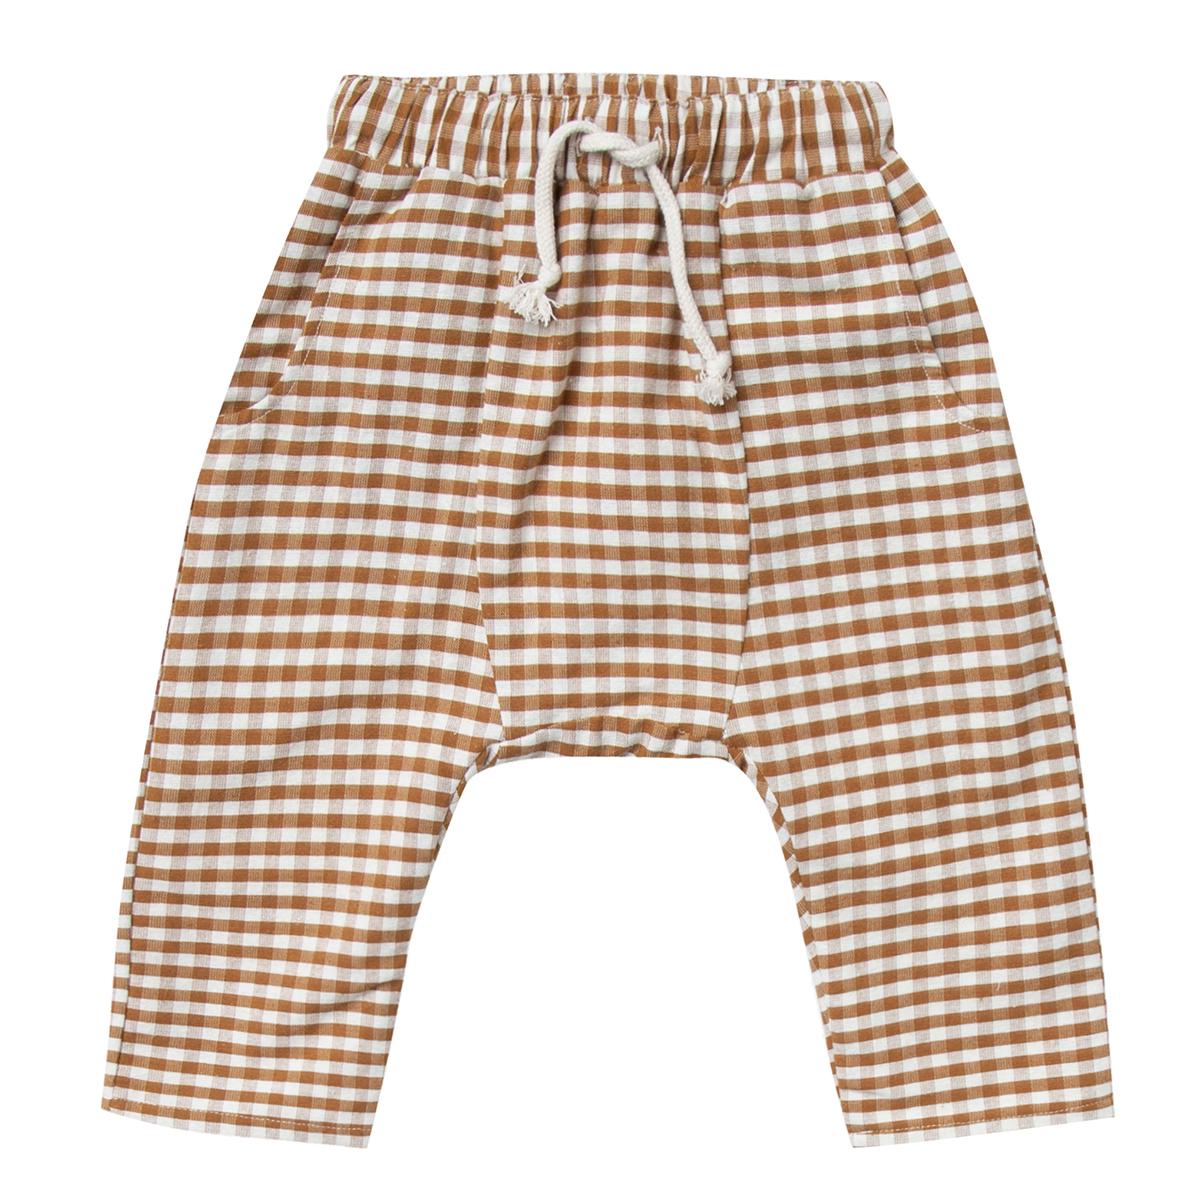 Bas Bébé Pantalon Vichy Ivoire - 12/18 Mois Pantalon Vichy Ivoire - 12/18 Mois